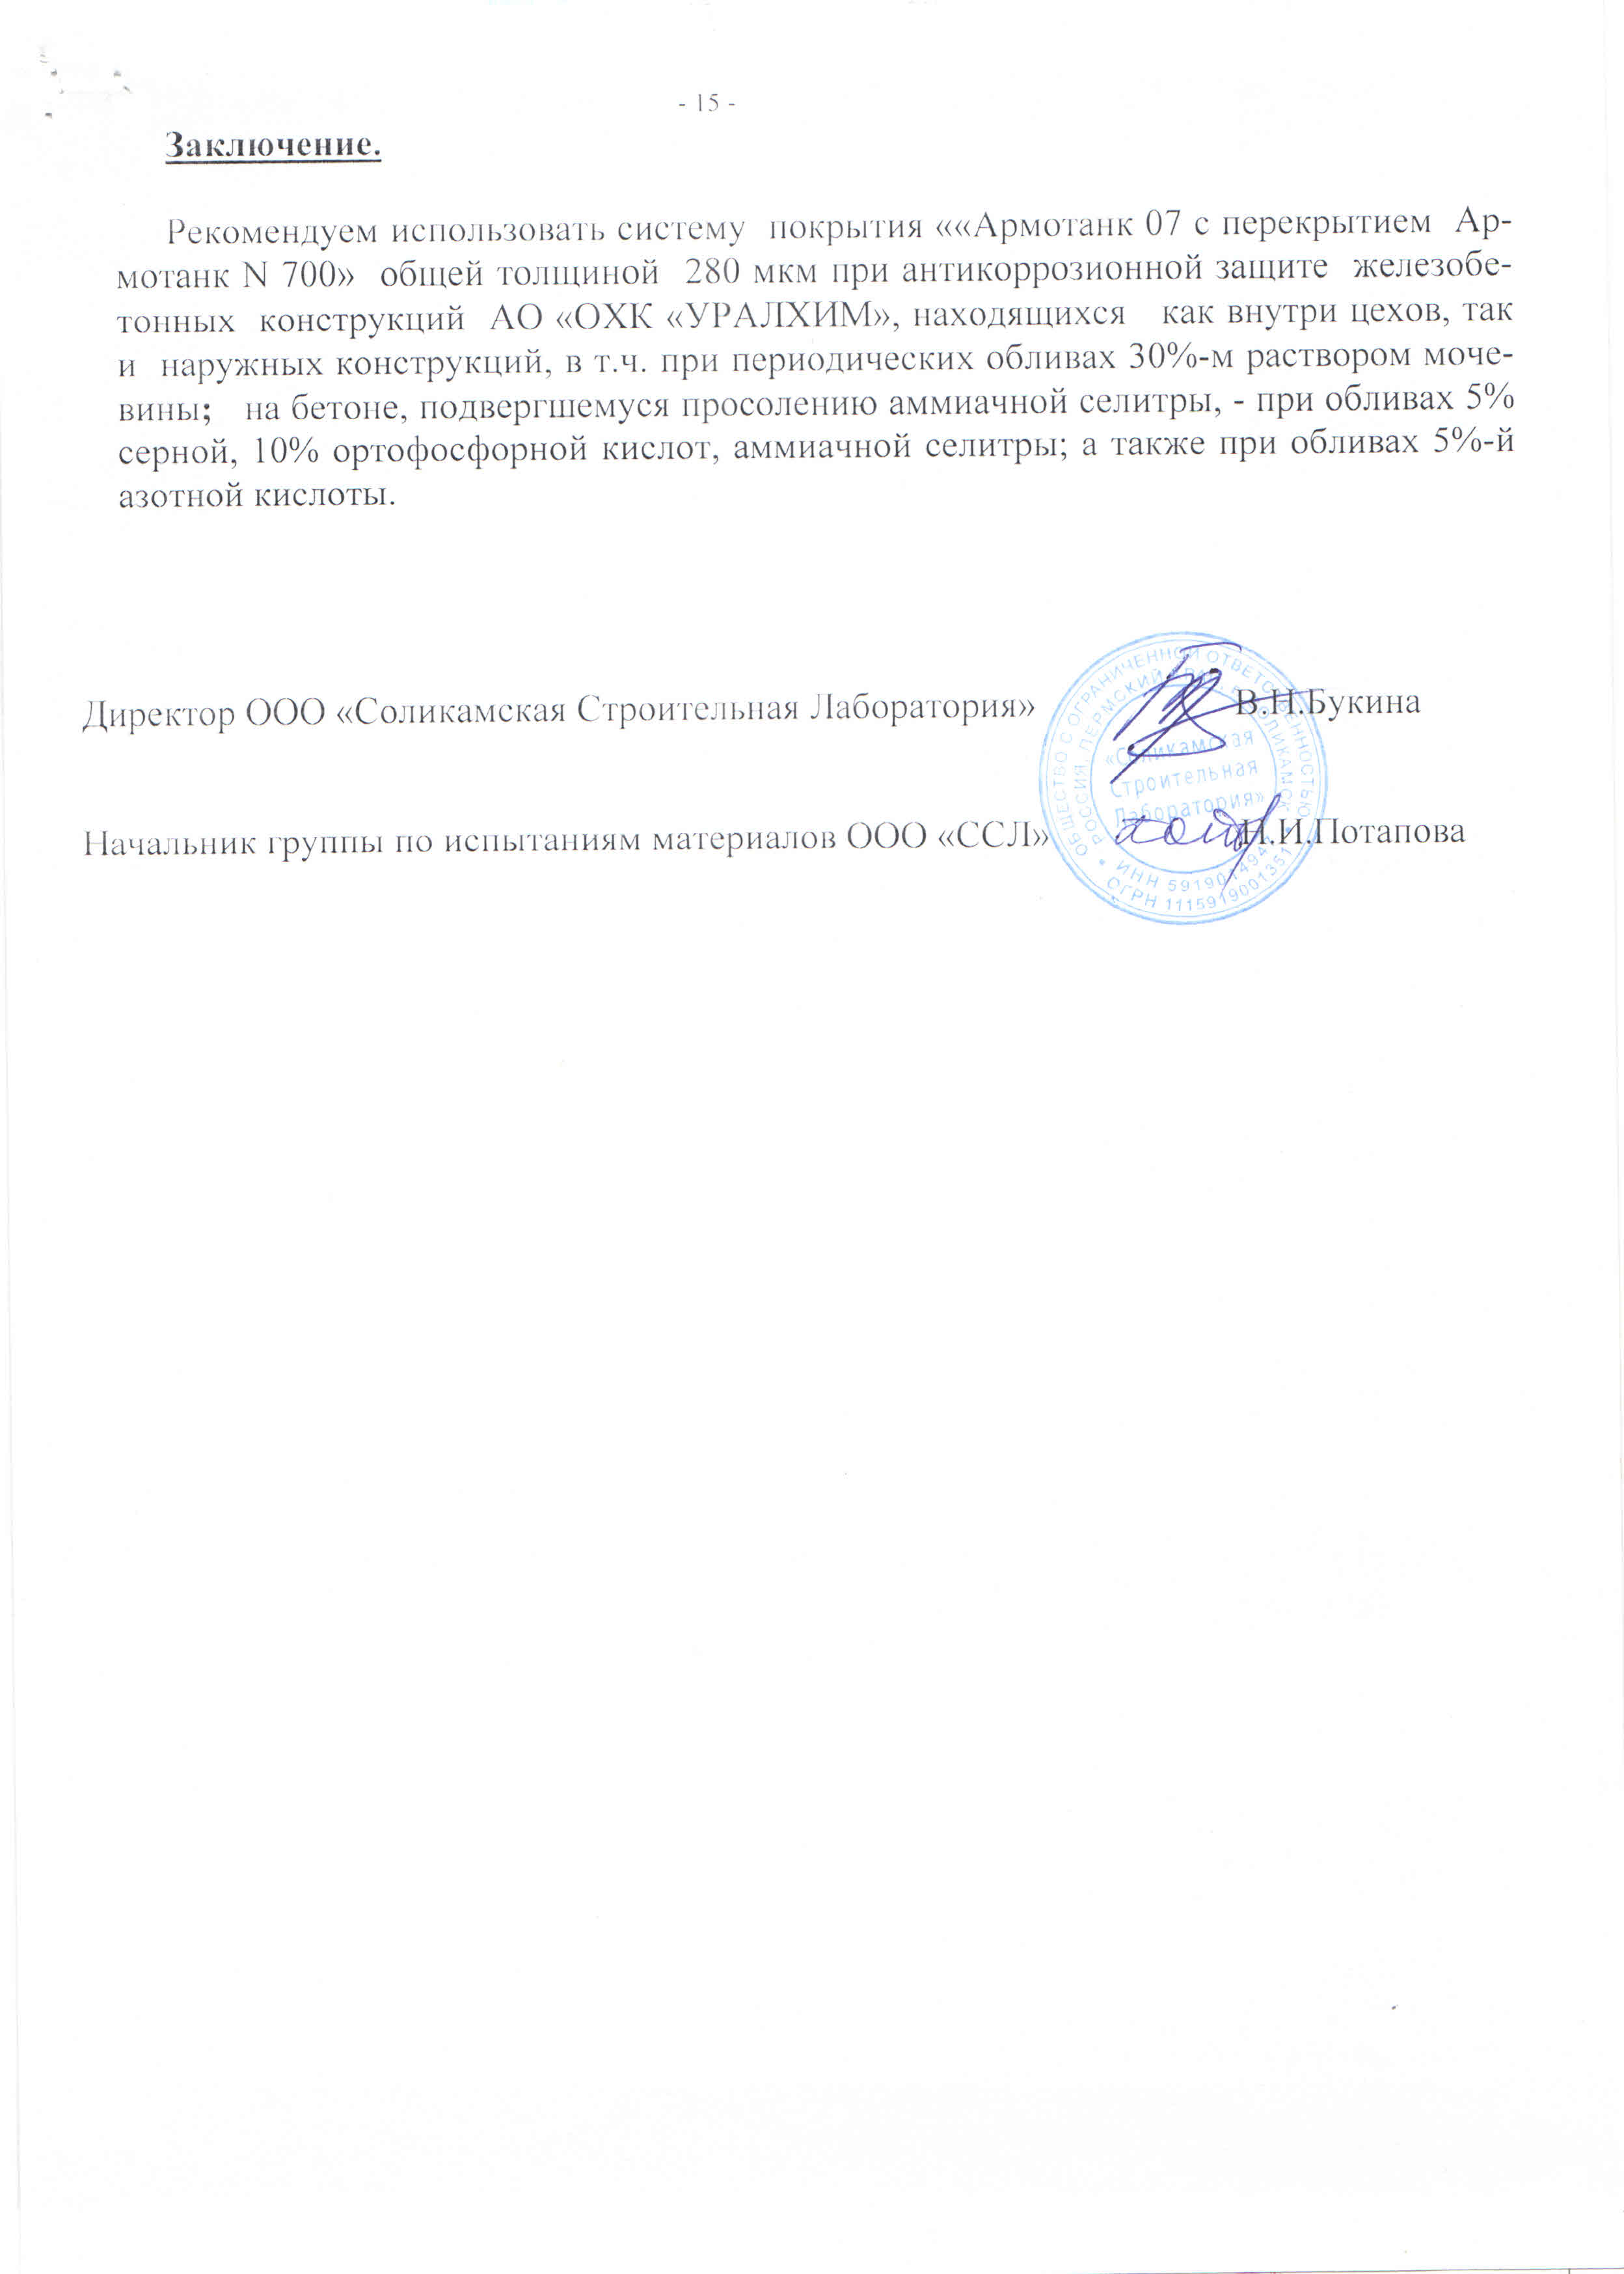 Заключение ООО «Соликамская строительная лаборатория» бетон Уралхим 07+N700S70_Страница_15